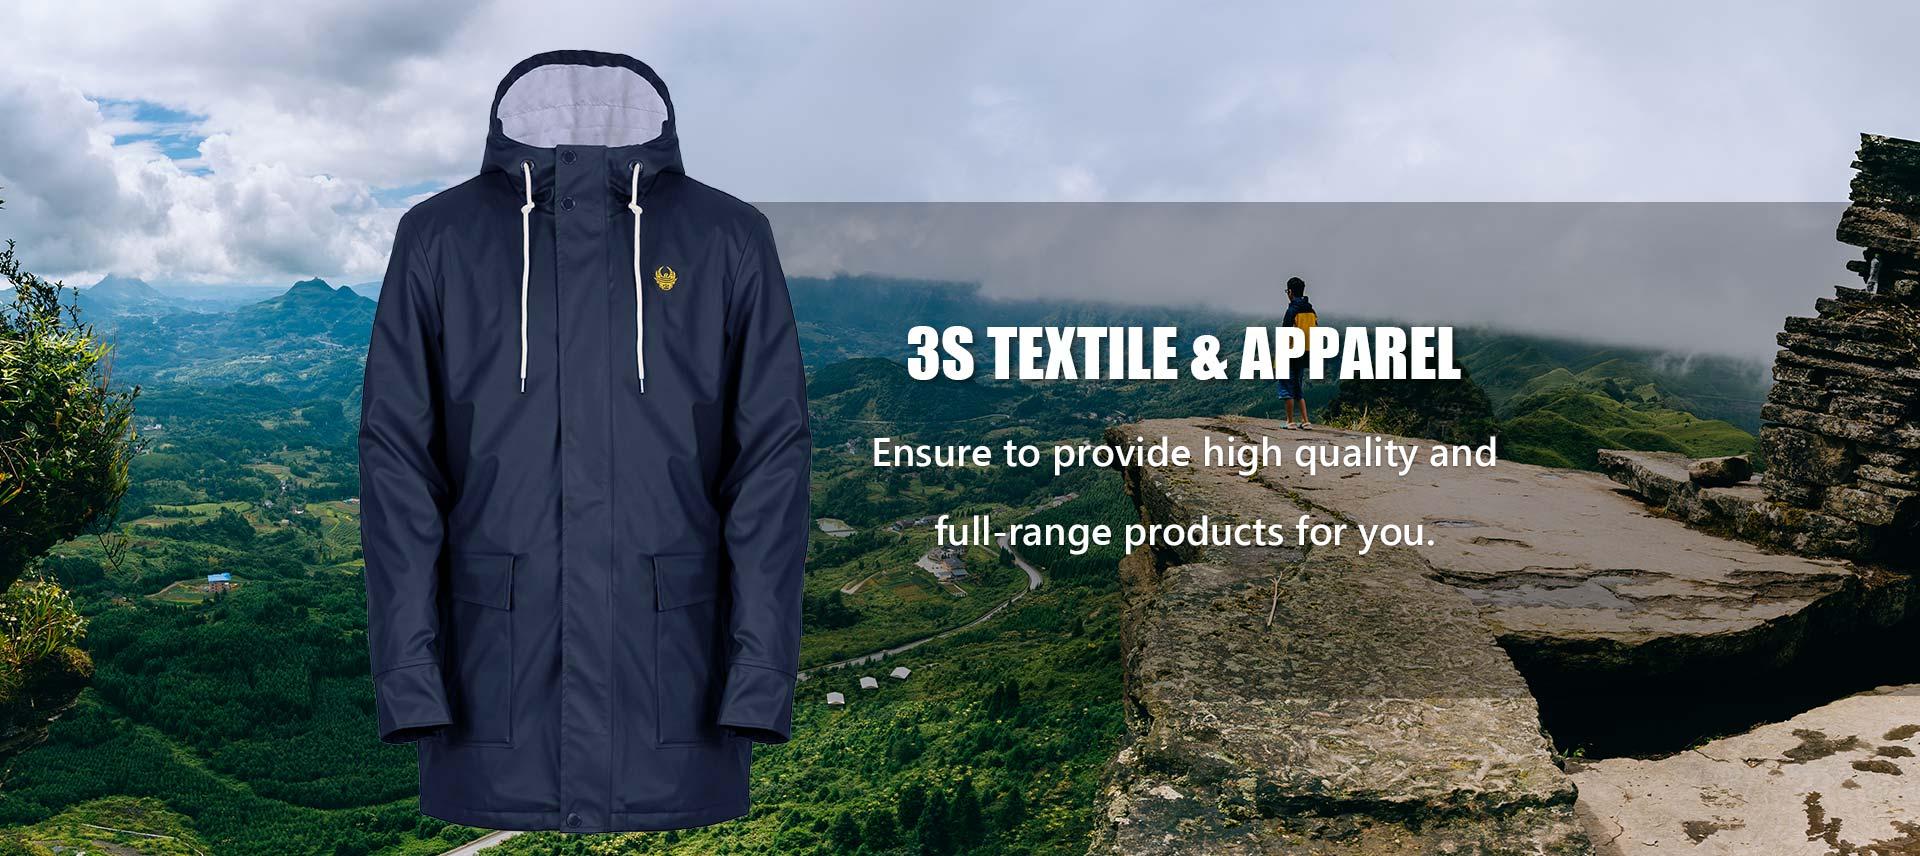 3S Textile & Apparel